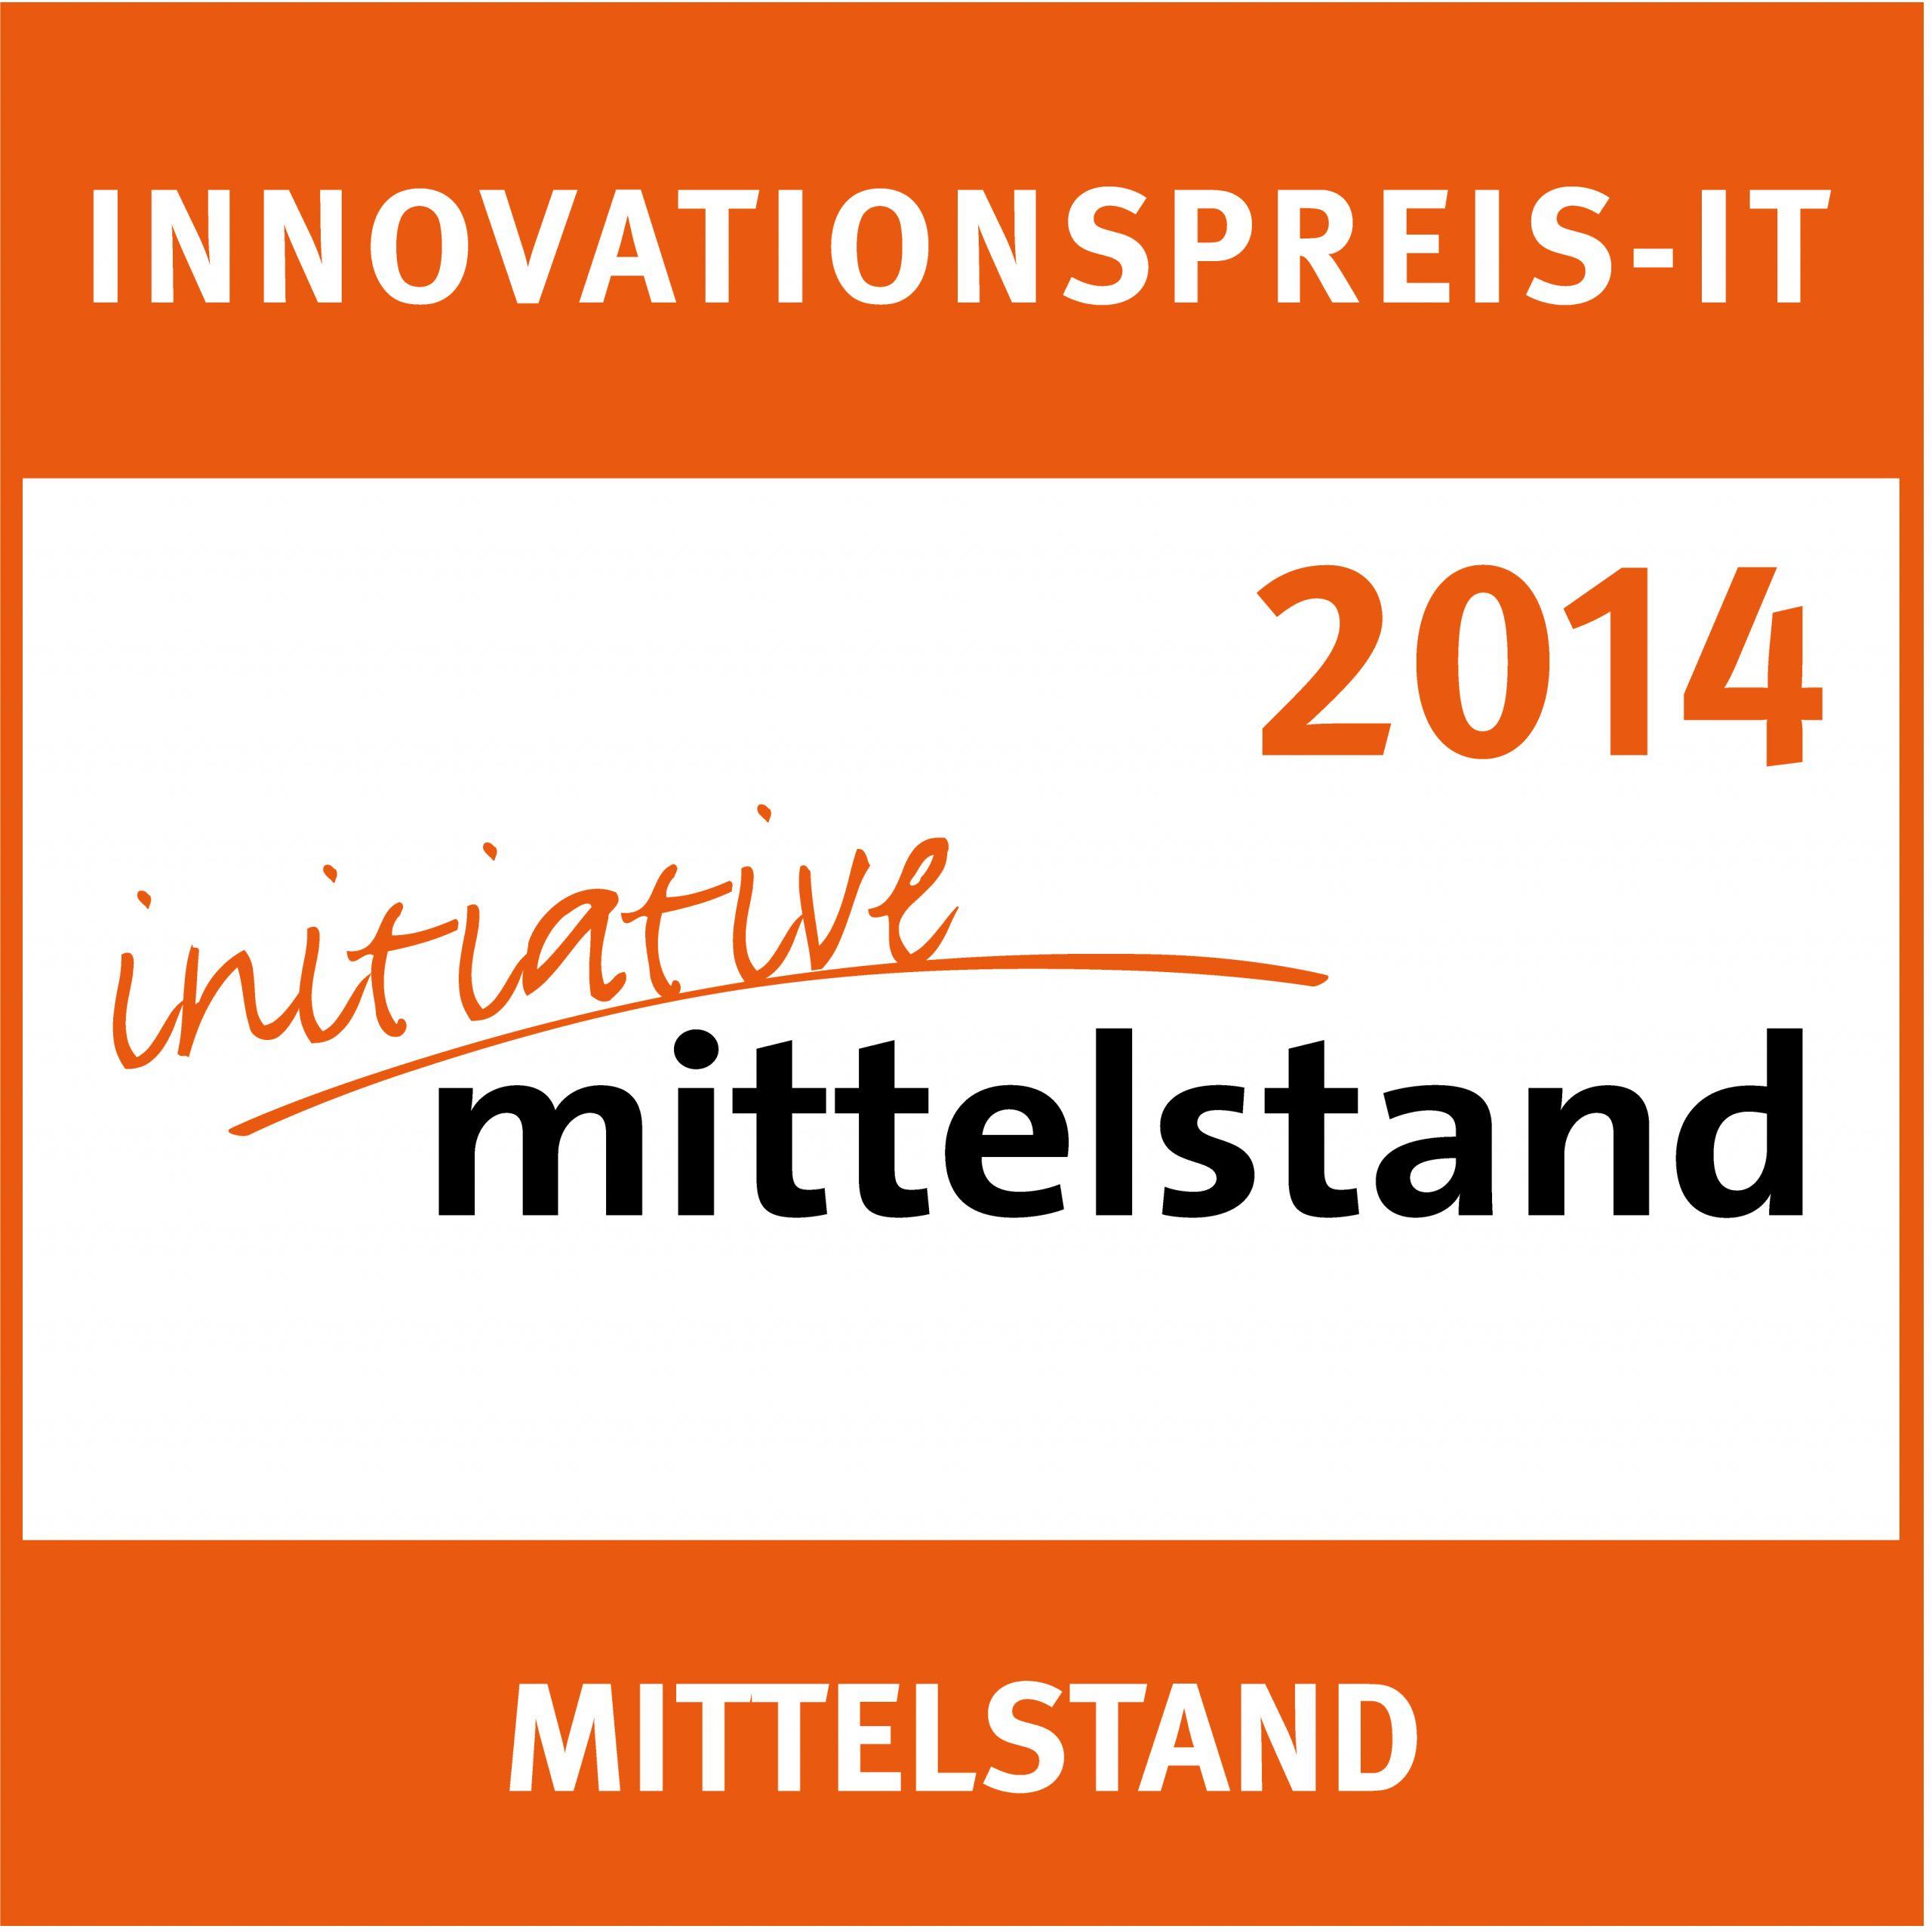 InnovationspreisIT Logo 2014 3500px